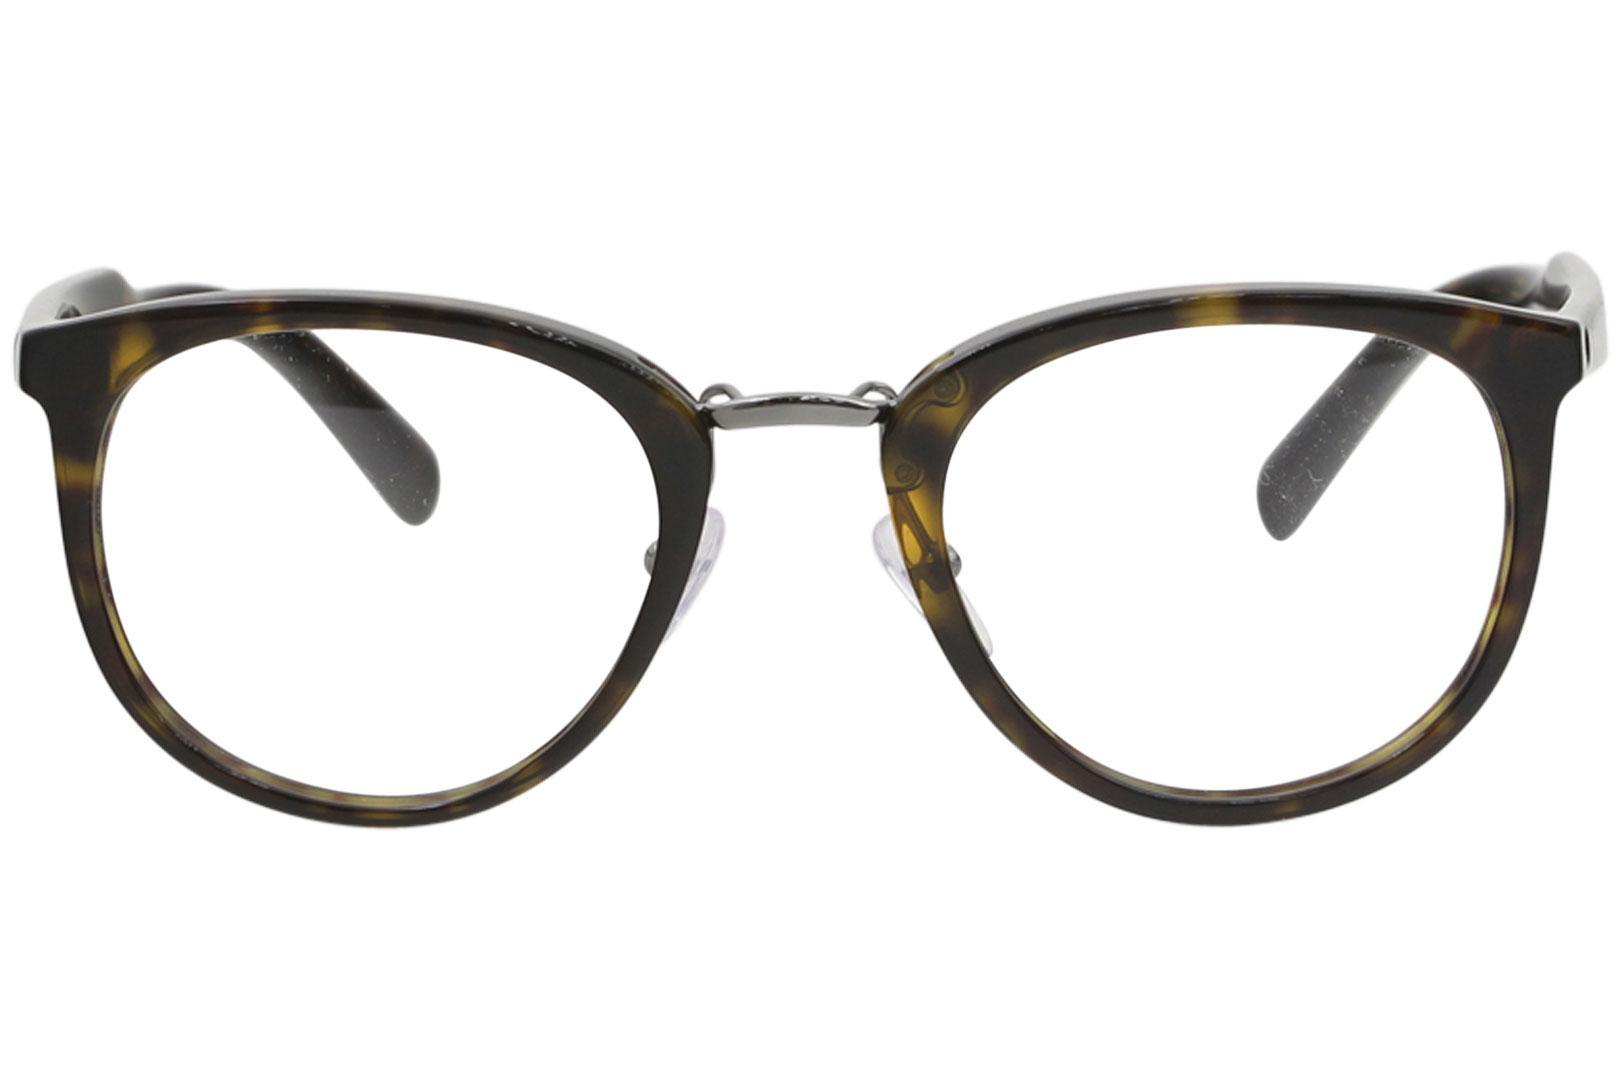 4f3c4b0a47 ... wholesale prada mens eyeglasses vpr03t vpr 03t full rim optical frame  51d7b 2d5da